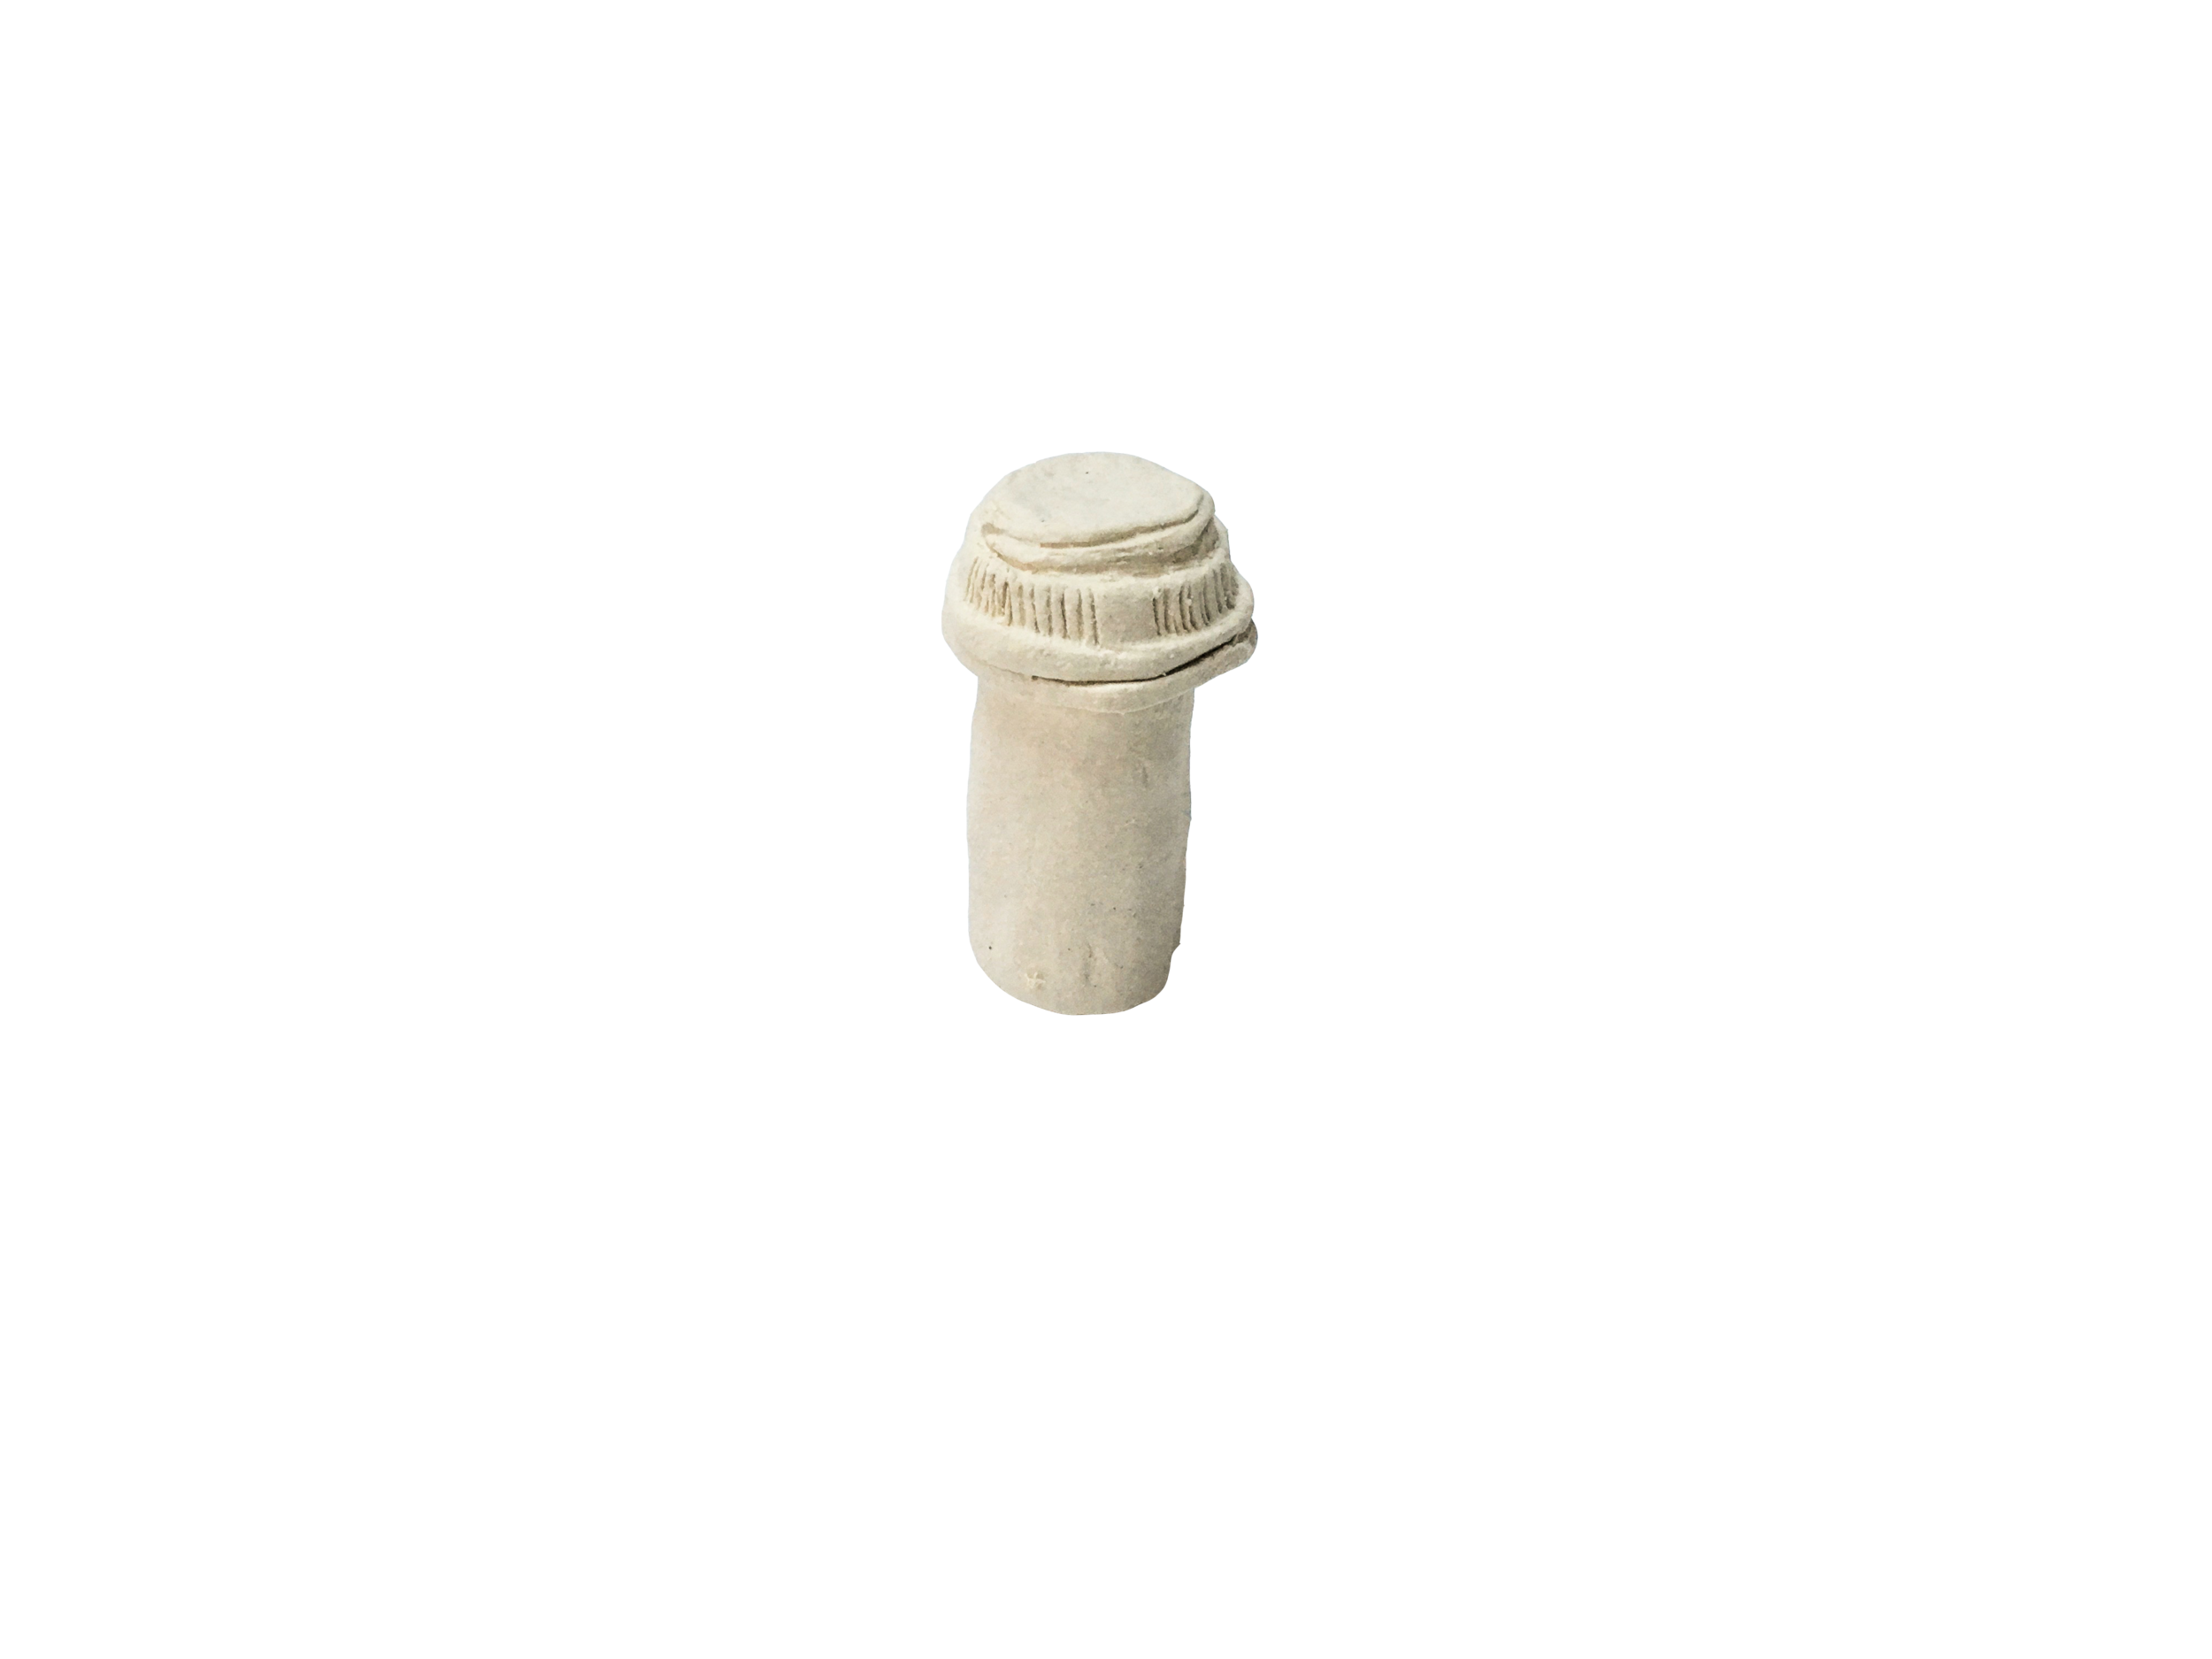 pill bottle_Marciano_12_12_18_dru.png